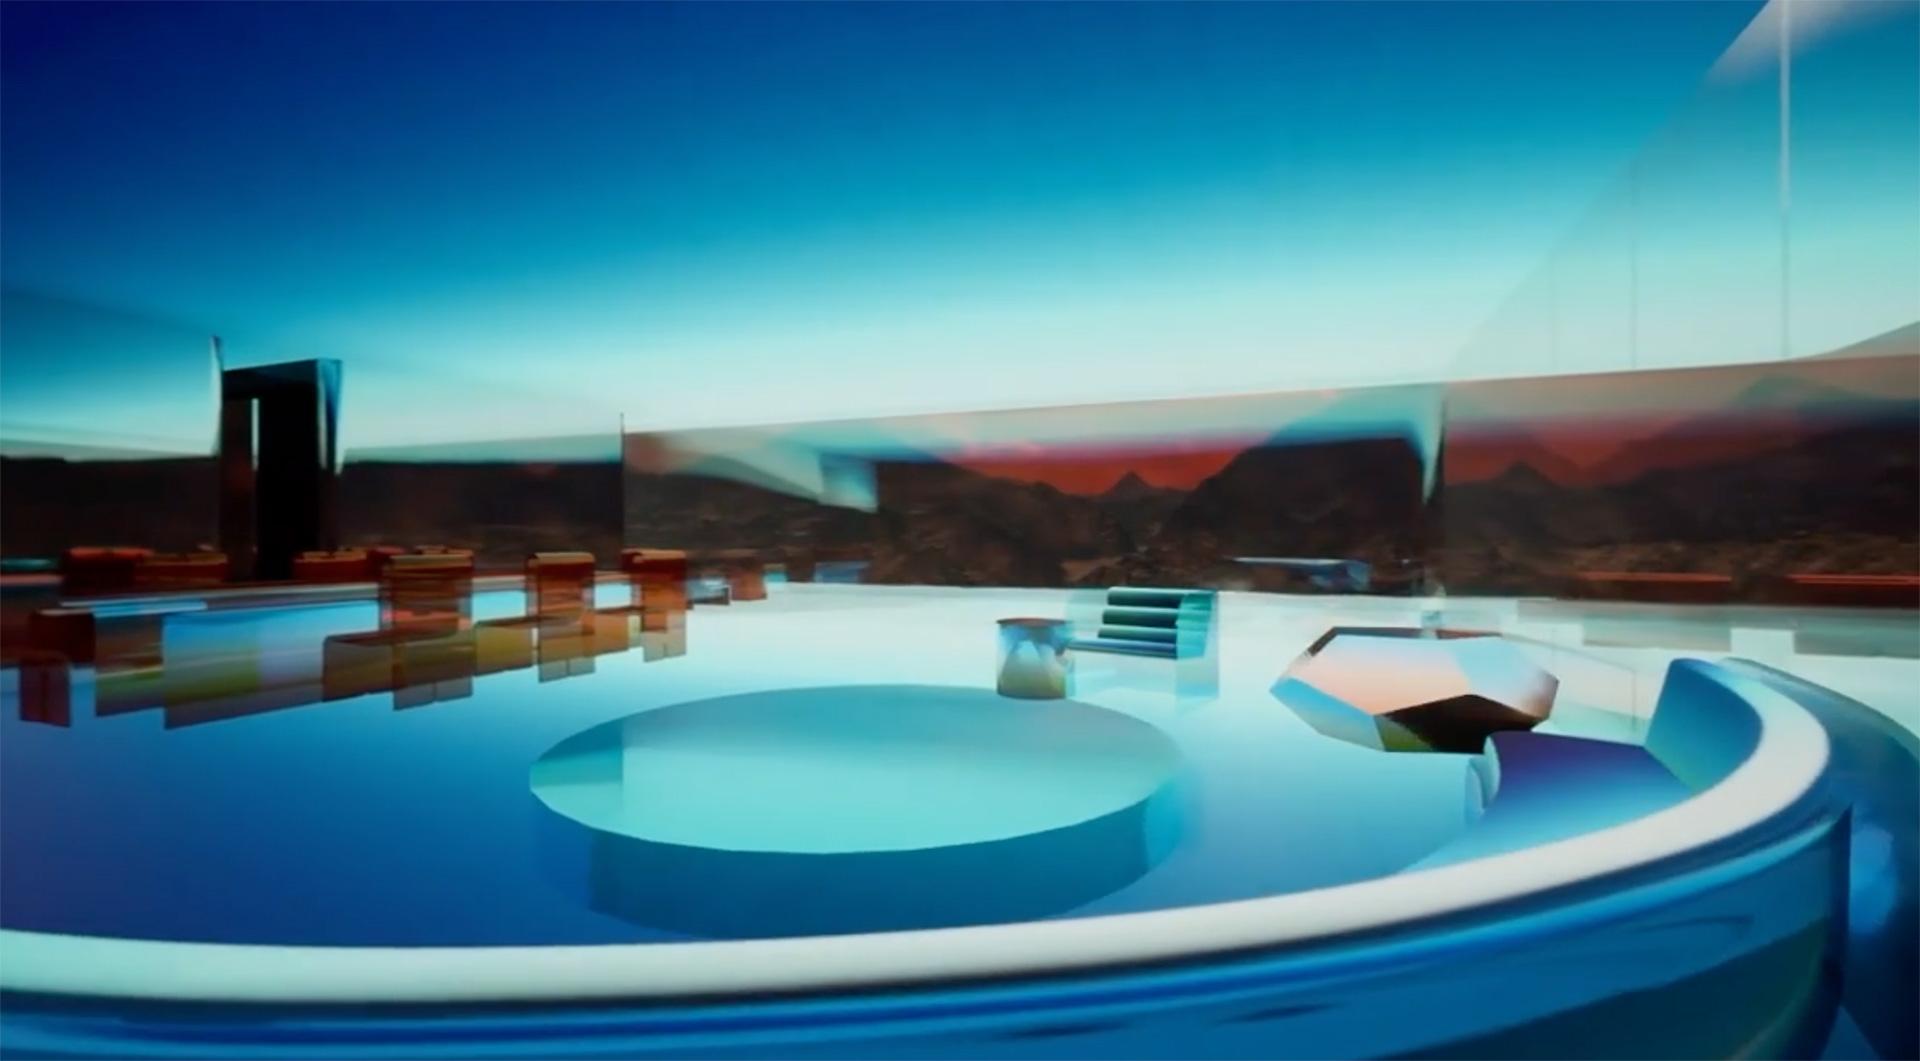 Виртуальный дом фото